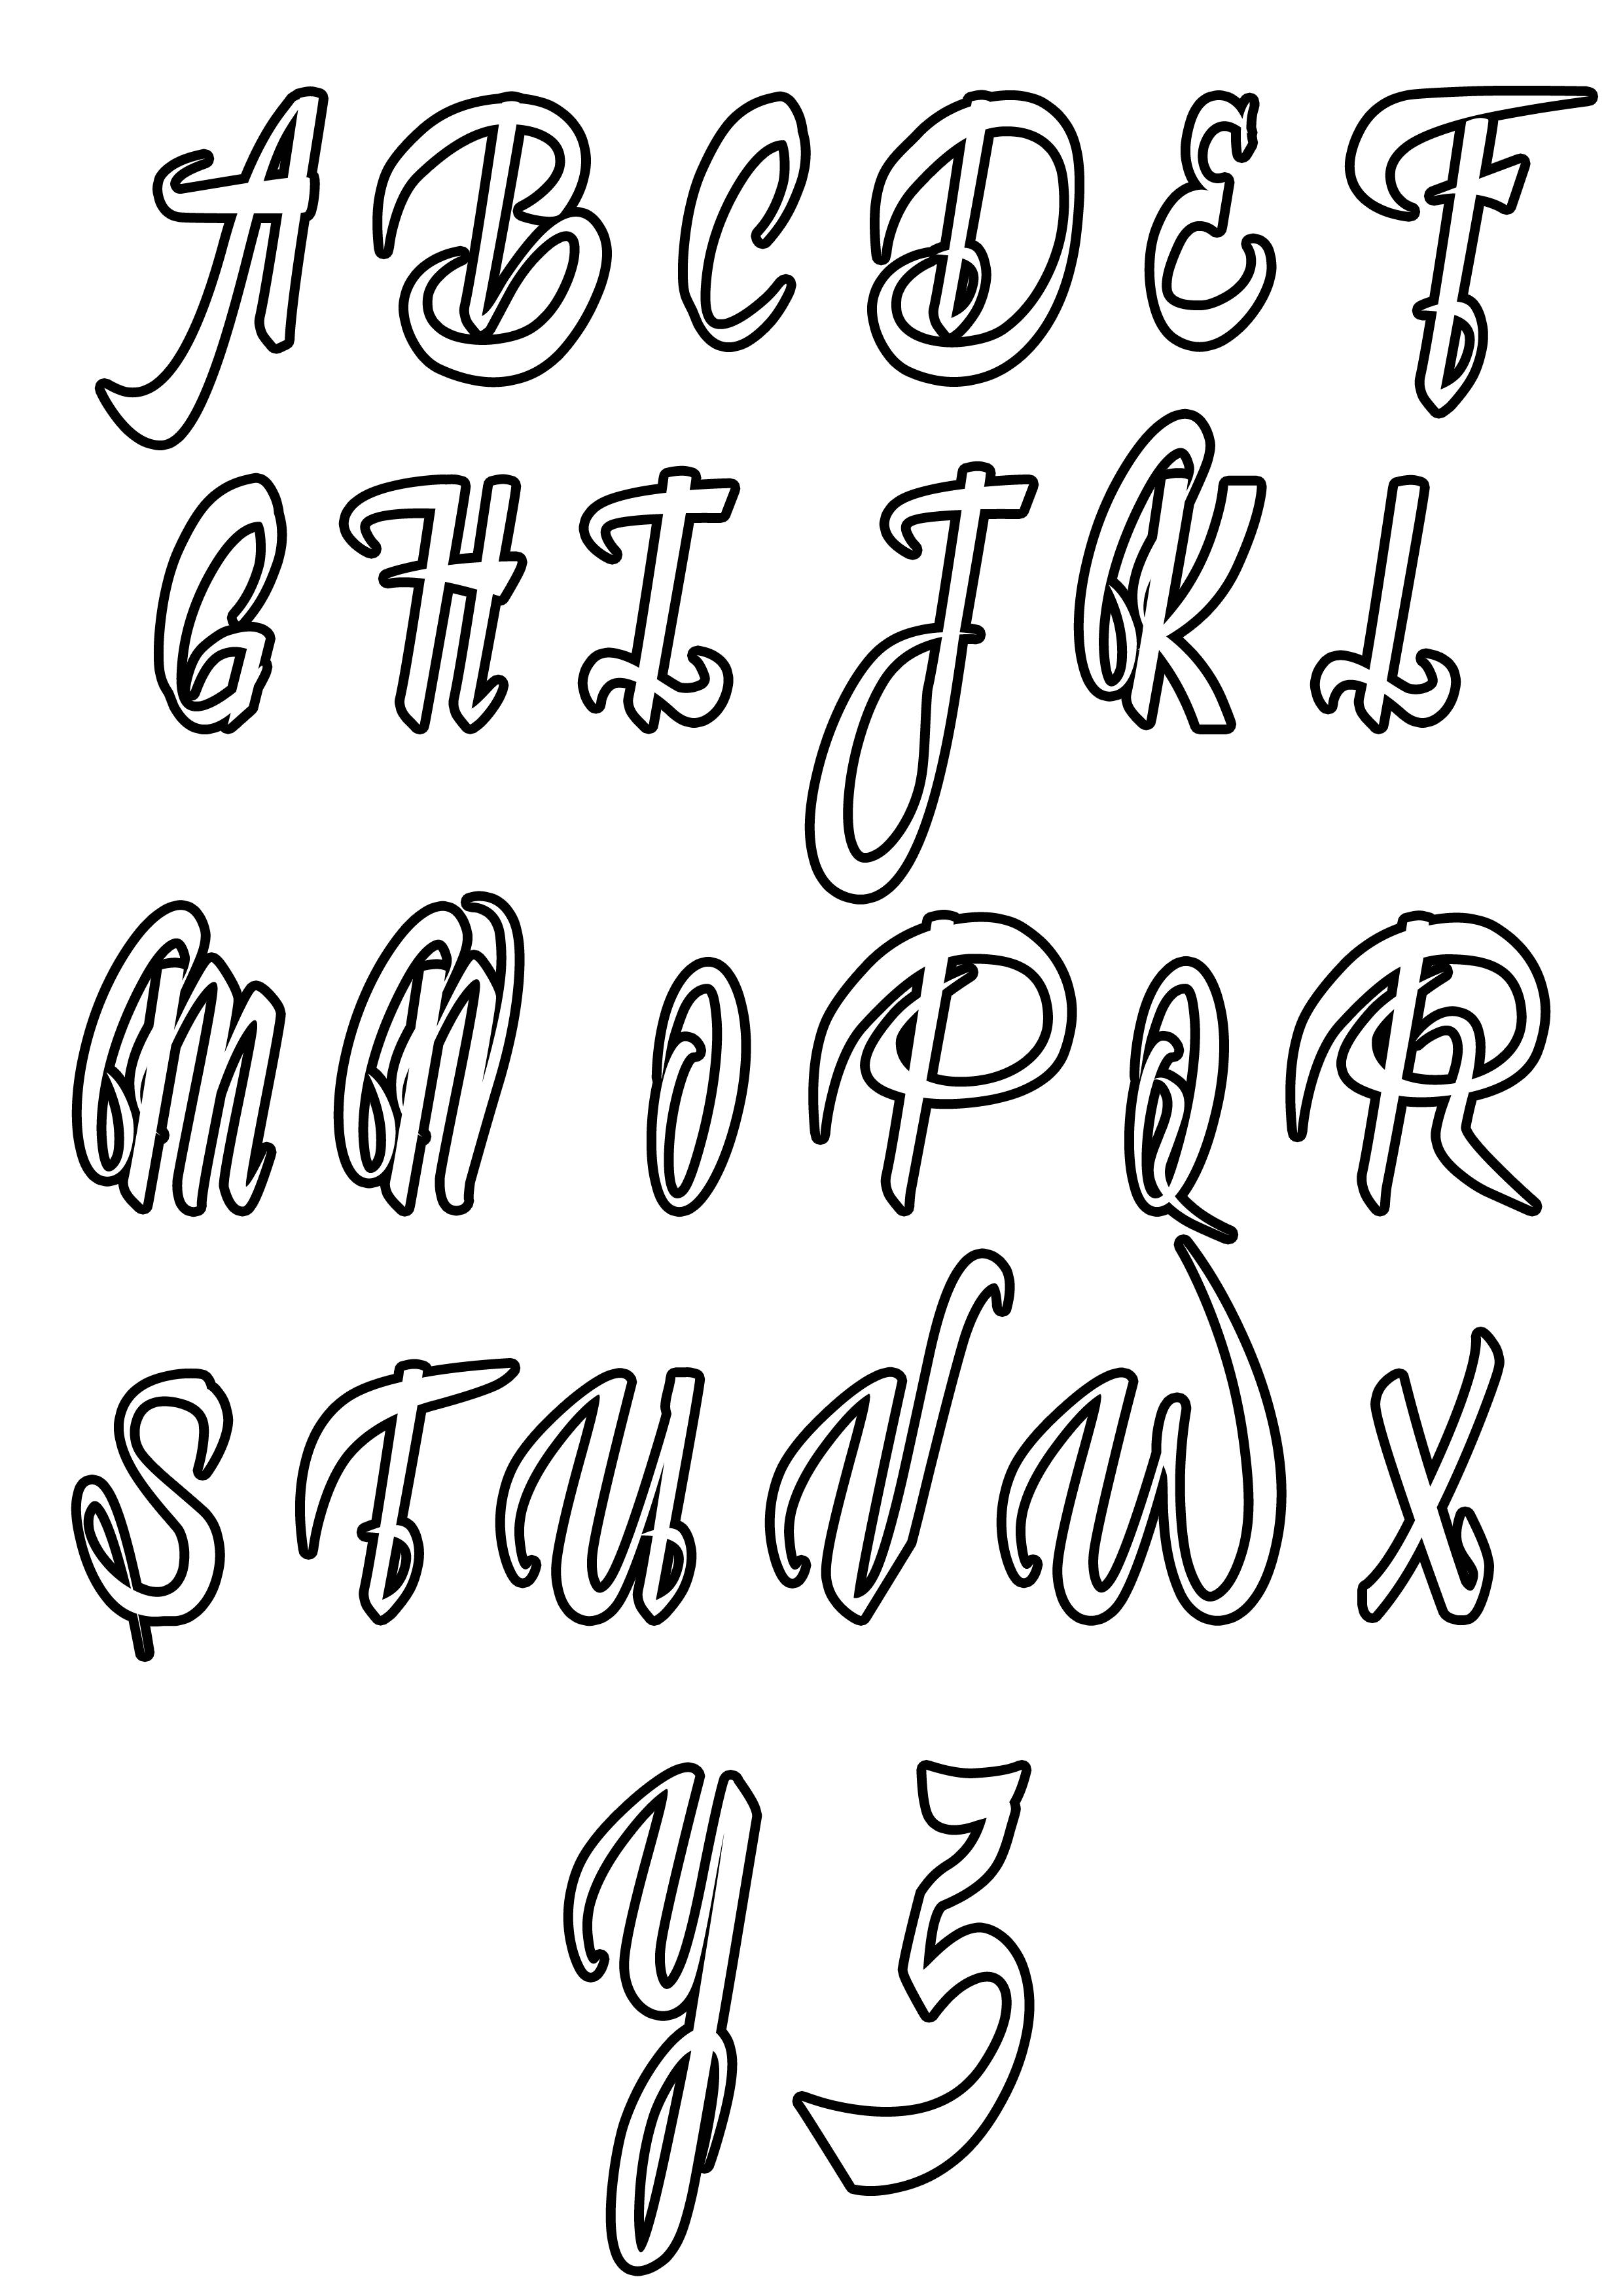 plain alphabet letters coloring pages - photo#39